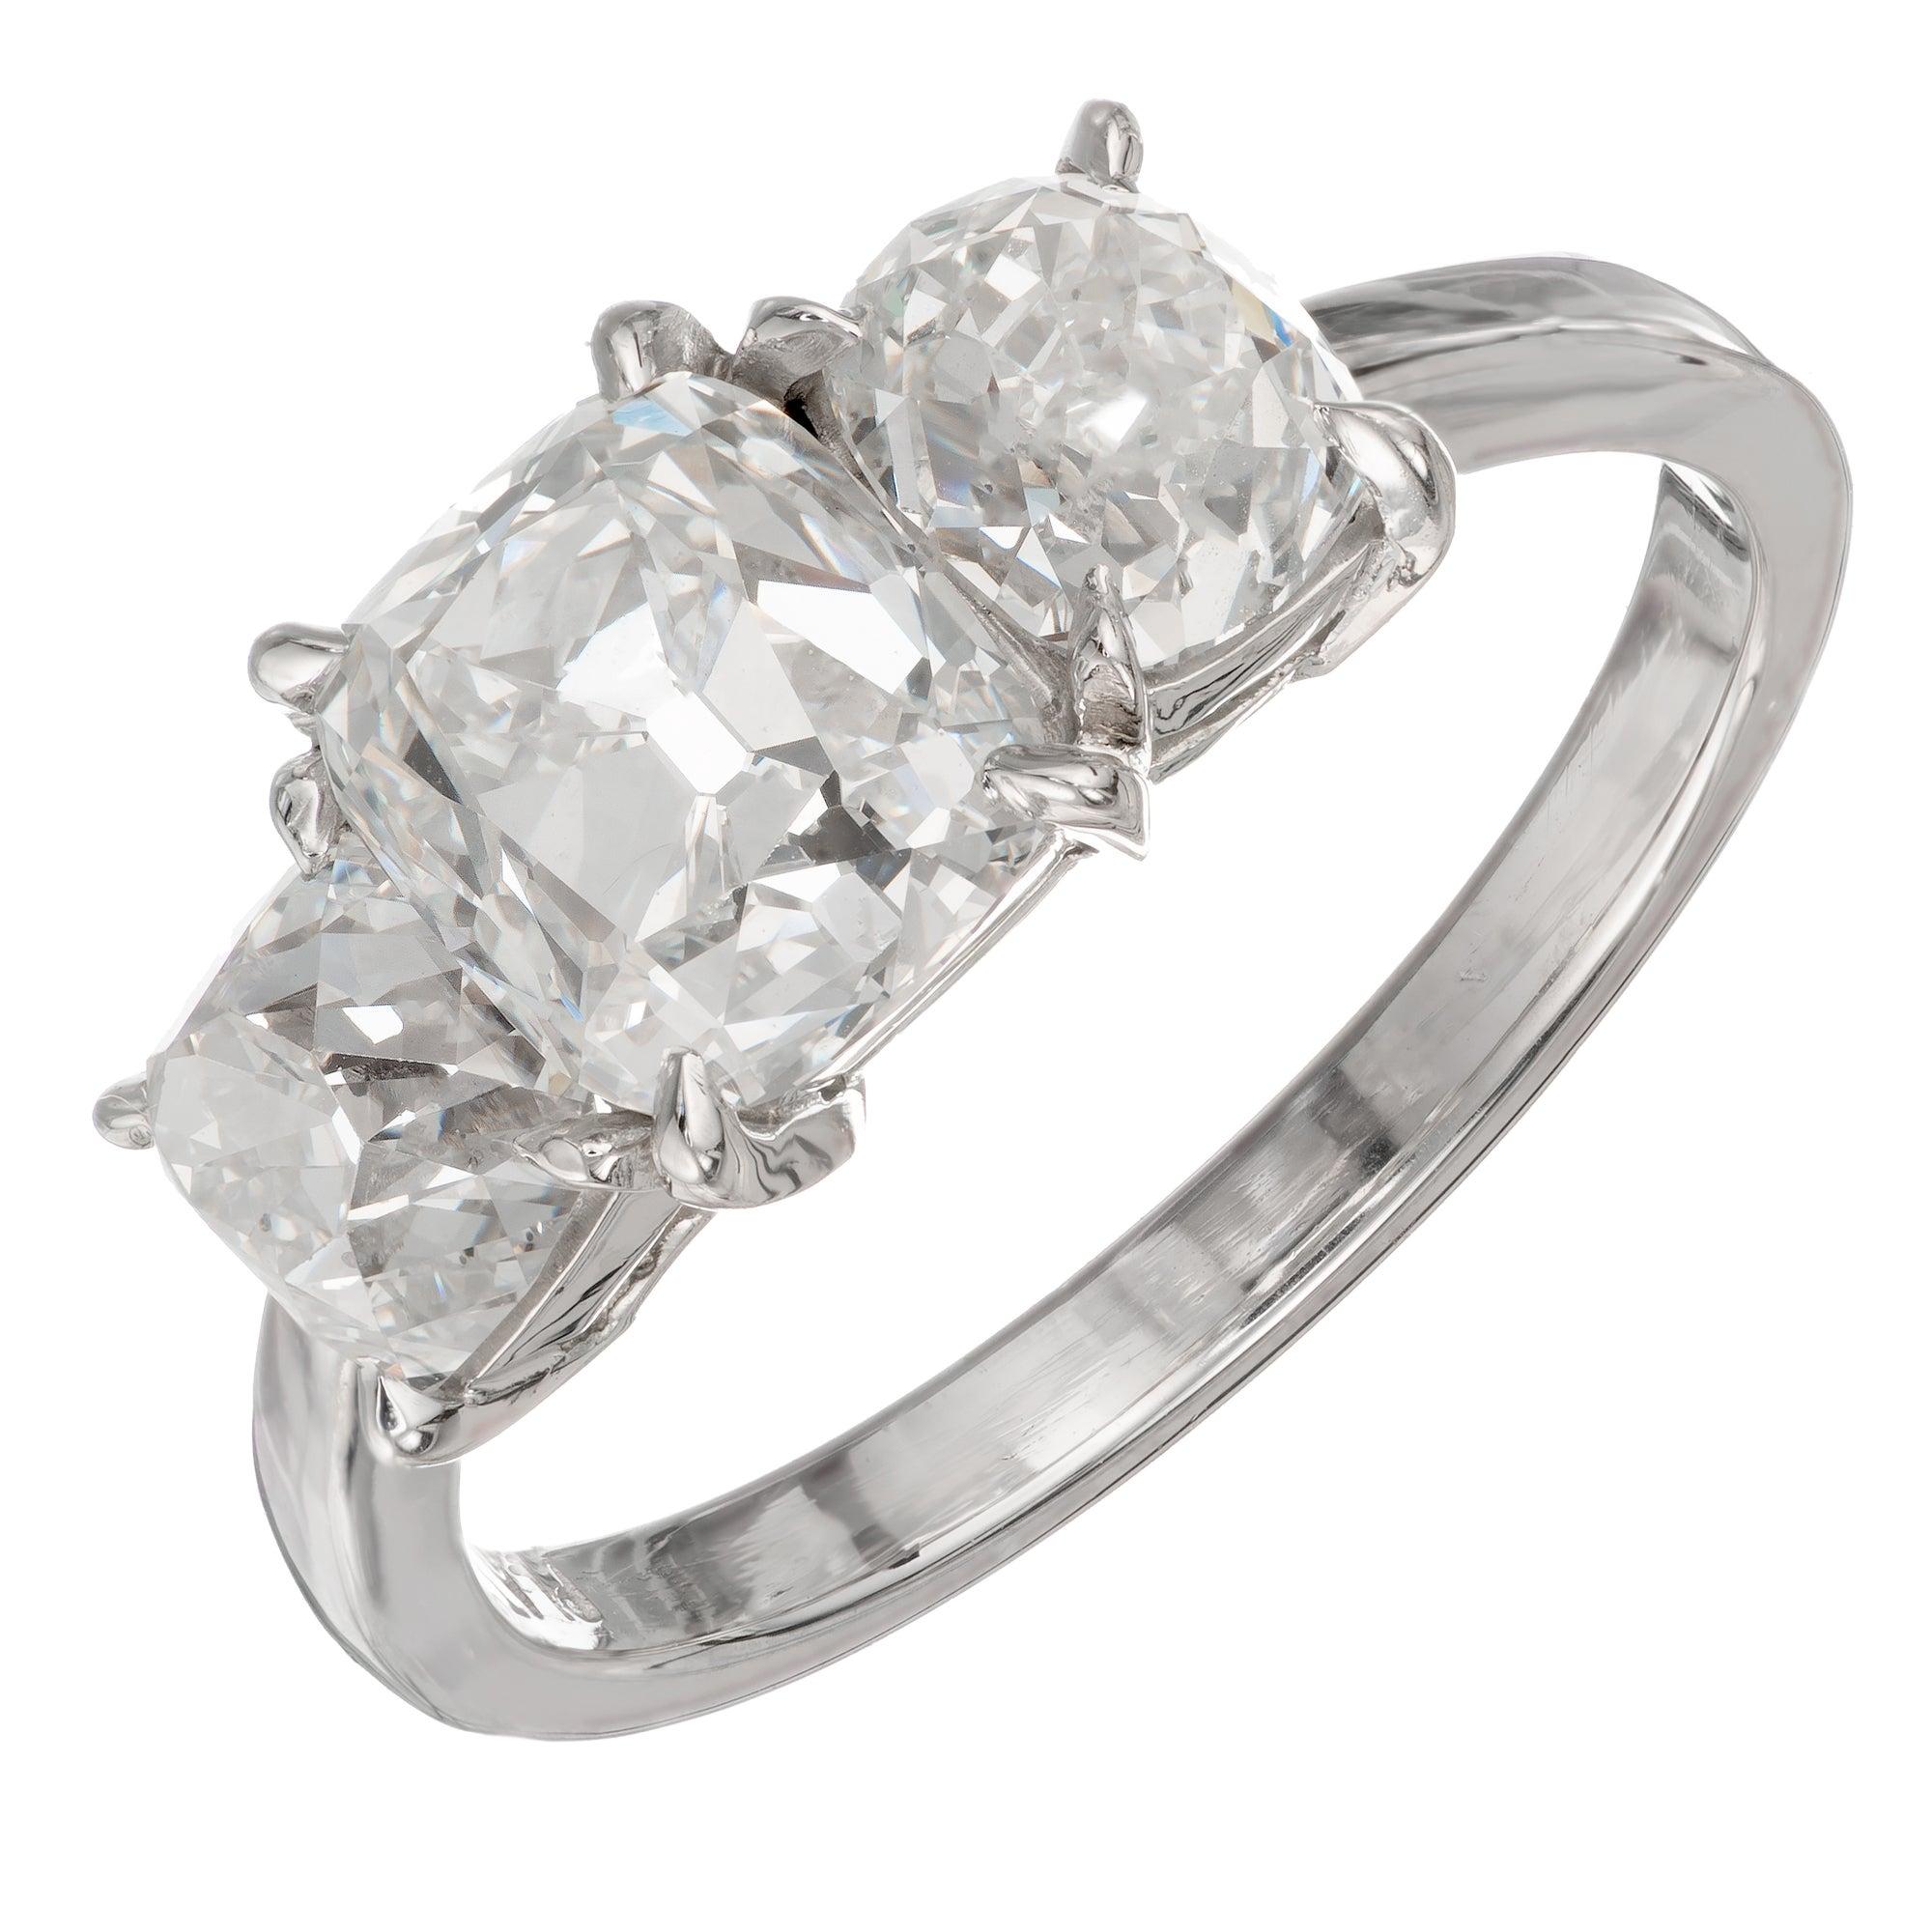 GIA Certified 2.87 Carat Diamond Three-Stone Platinum Ring